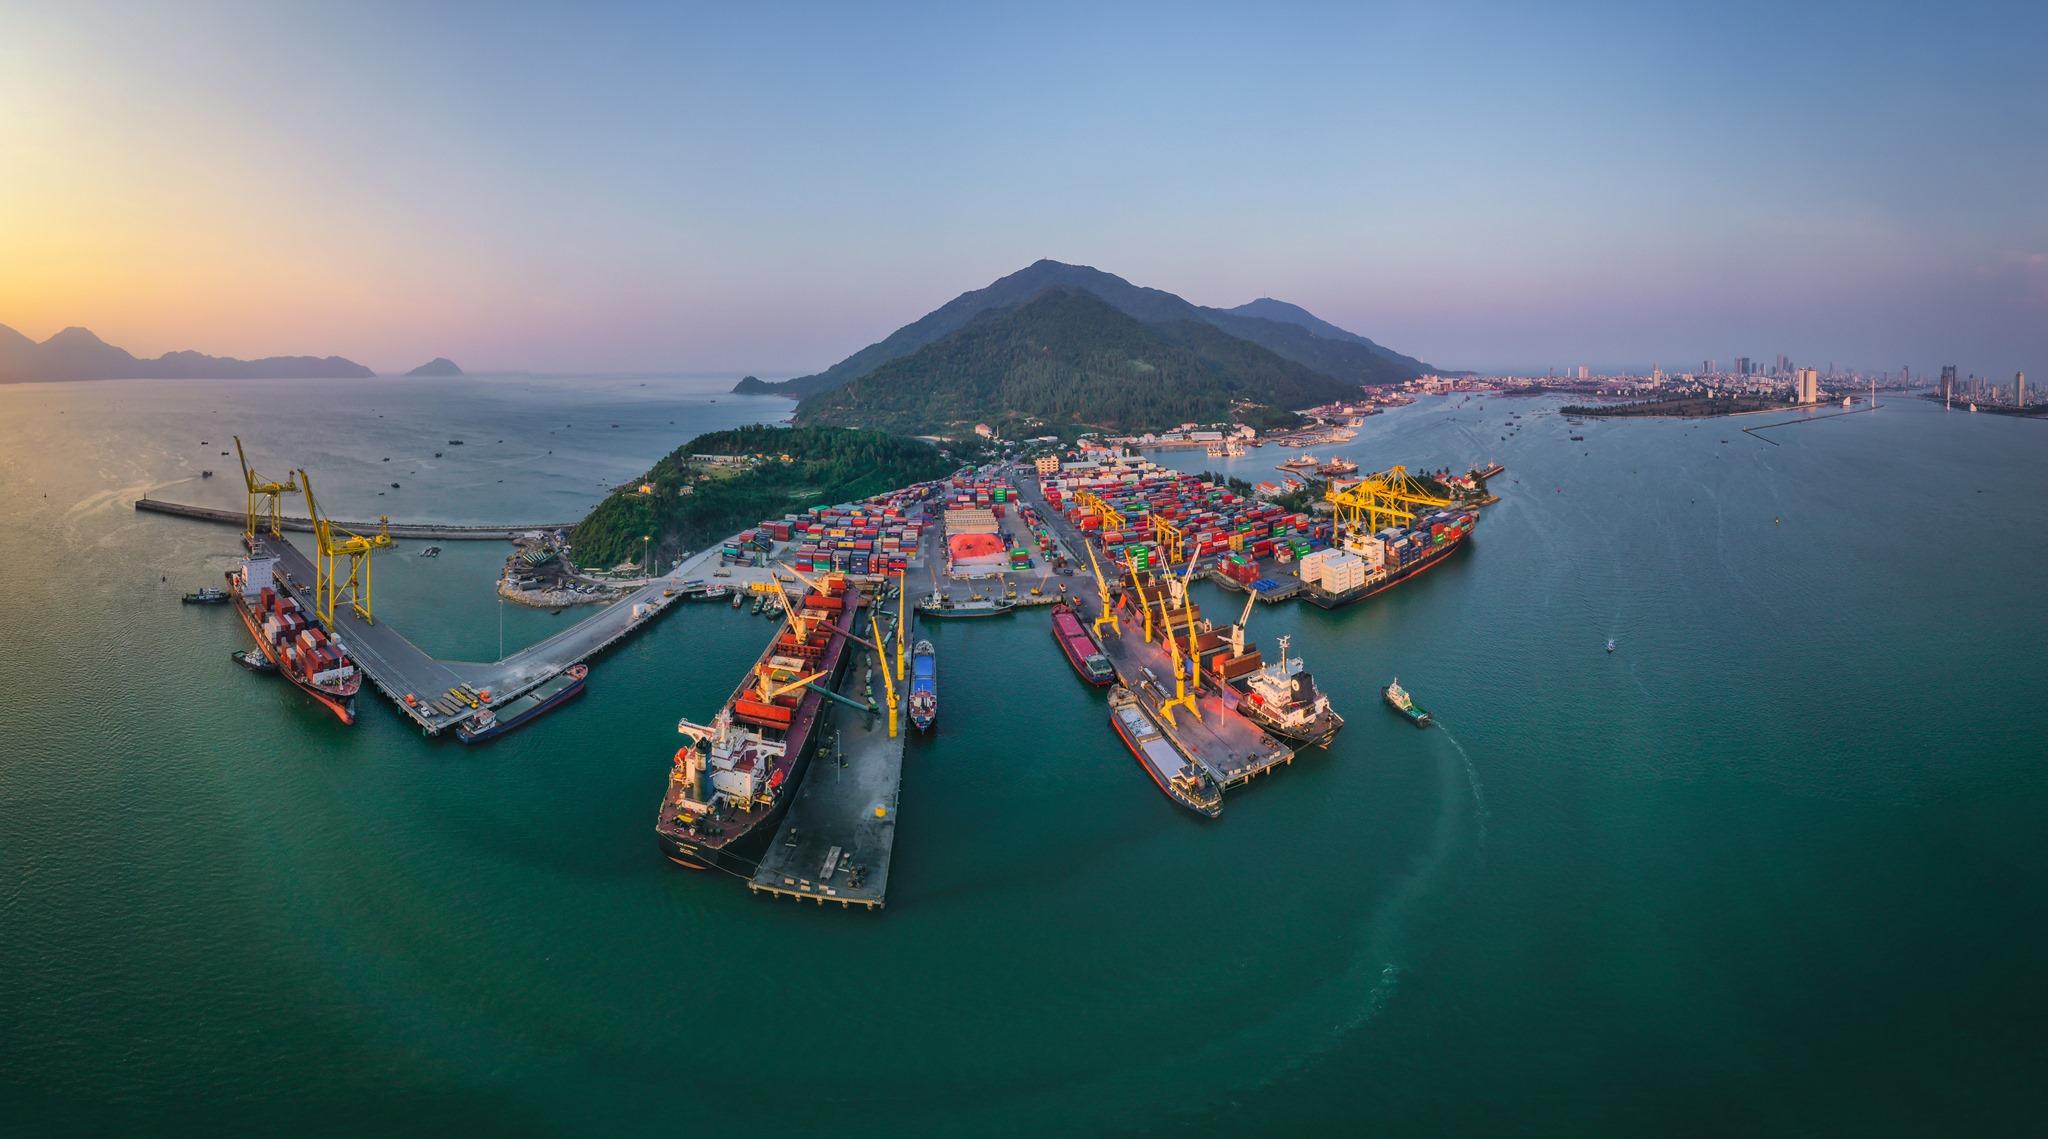 Đà Nẵng dự kiến được bố trí hơn 200 tỉ đồng xây dựng Bến cảng Liên Chiểu năm 2021 - Ảnh 1.